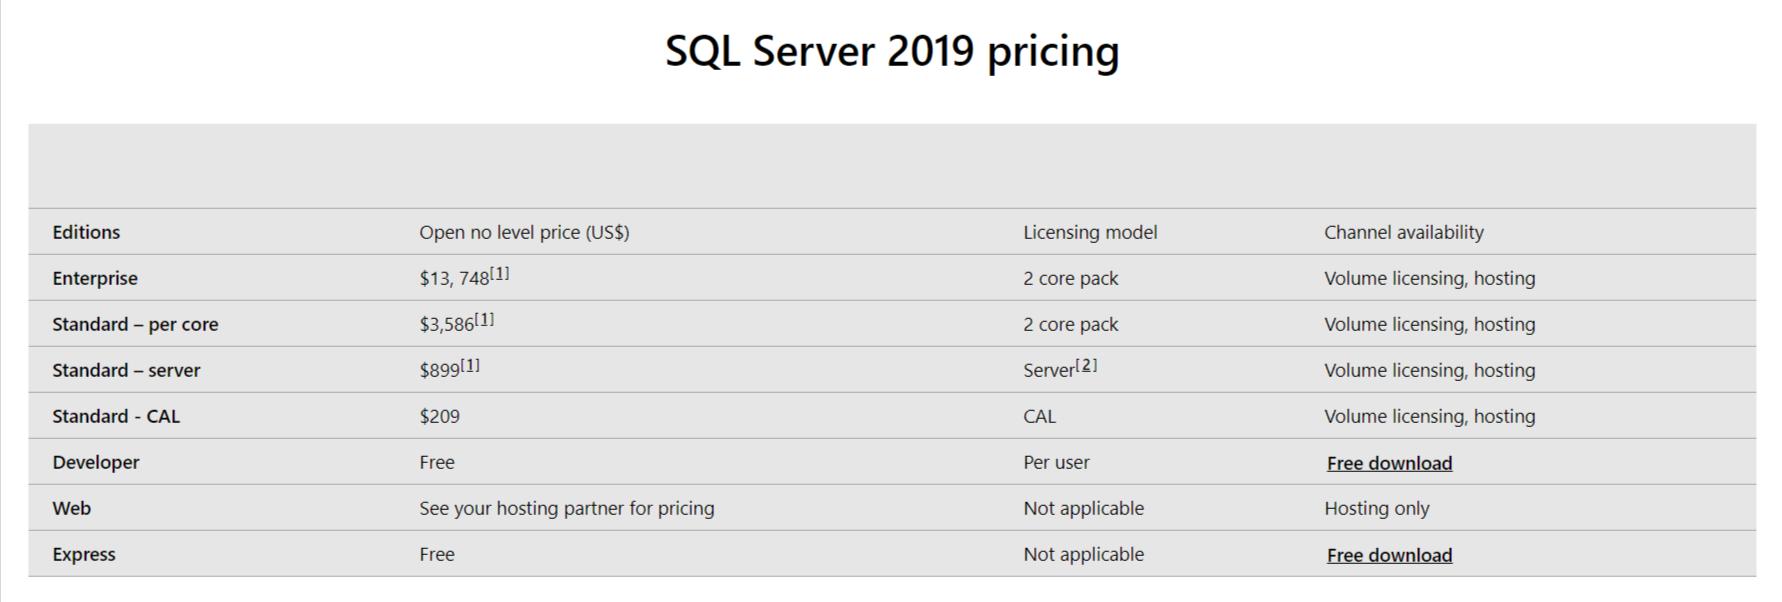 Microsoft SQL Server Pricing